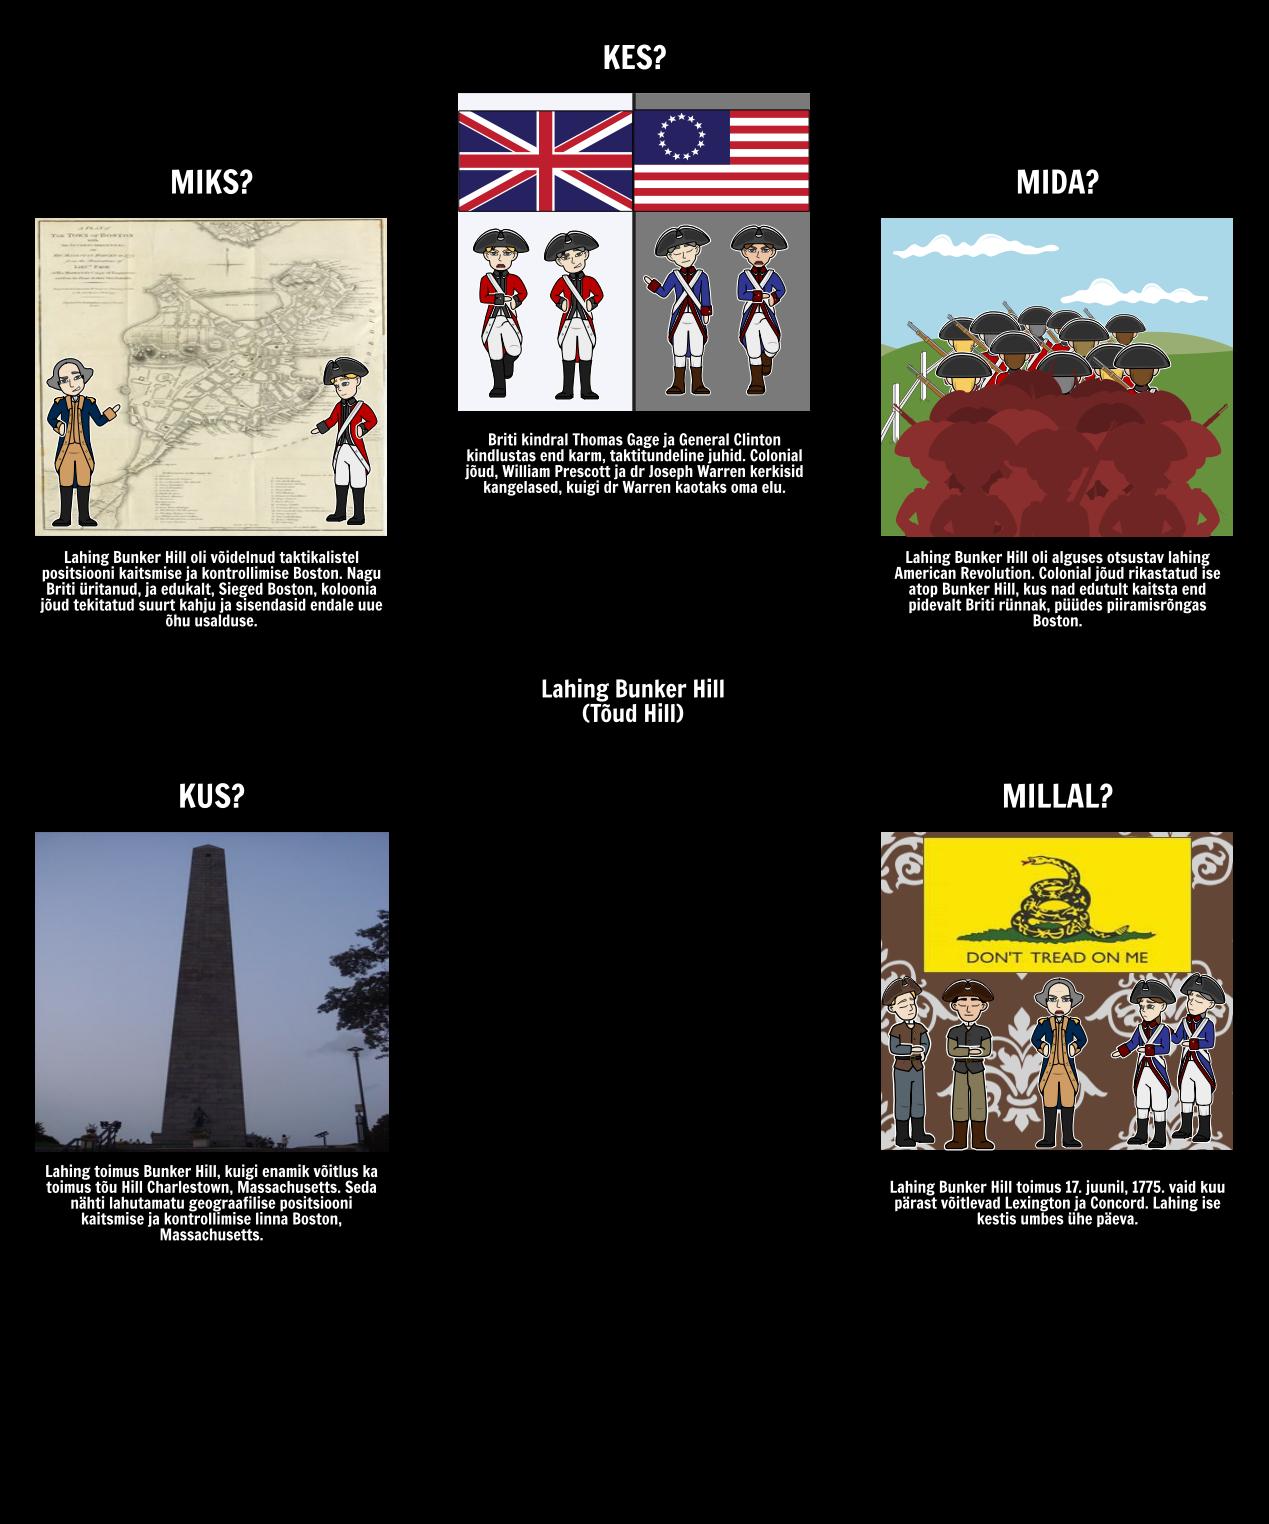 Battle of Bunker Hill 5 Ws